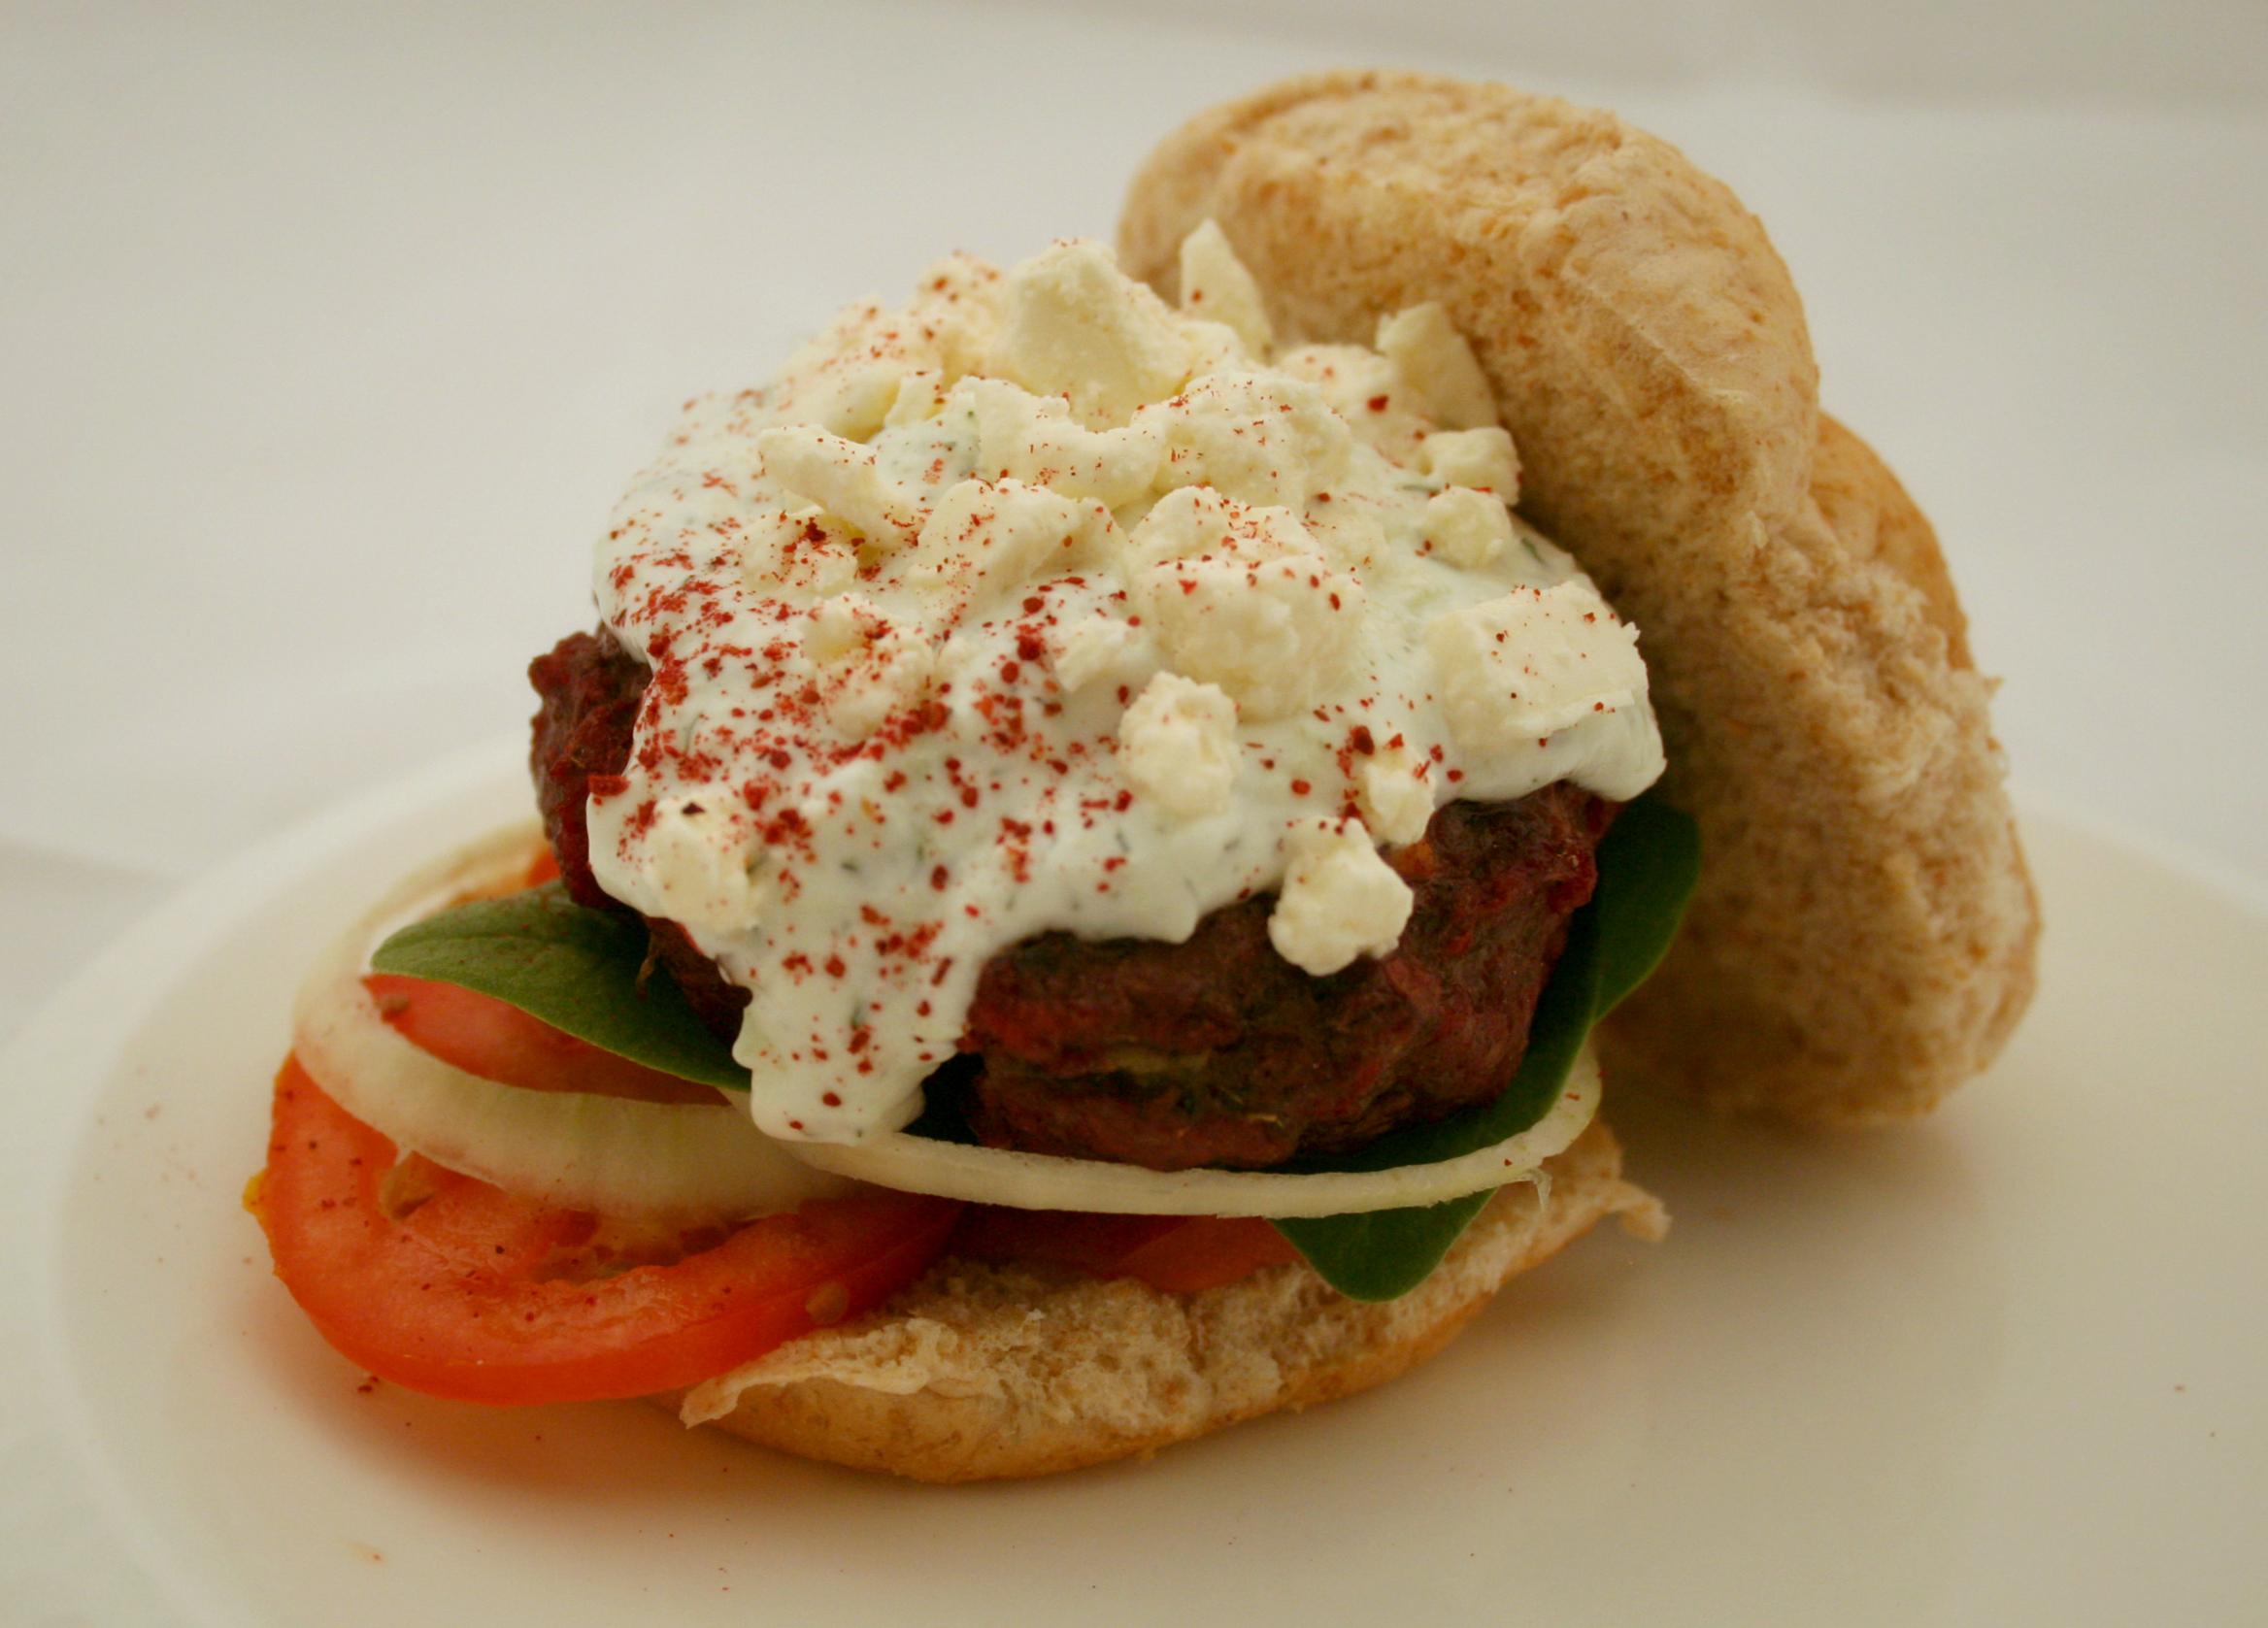 The Venison Greek Burger